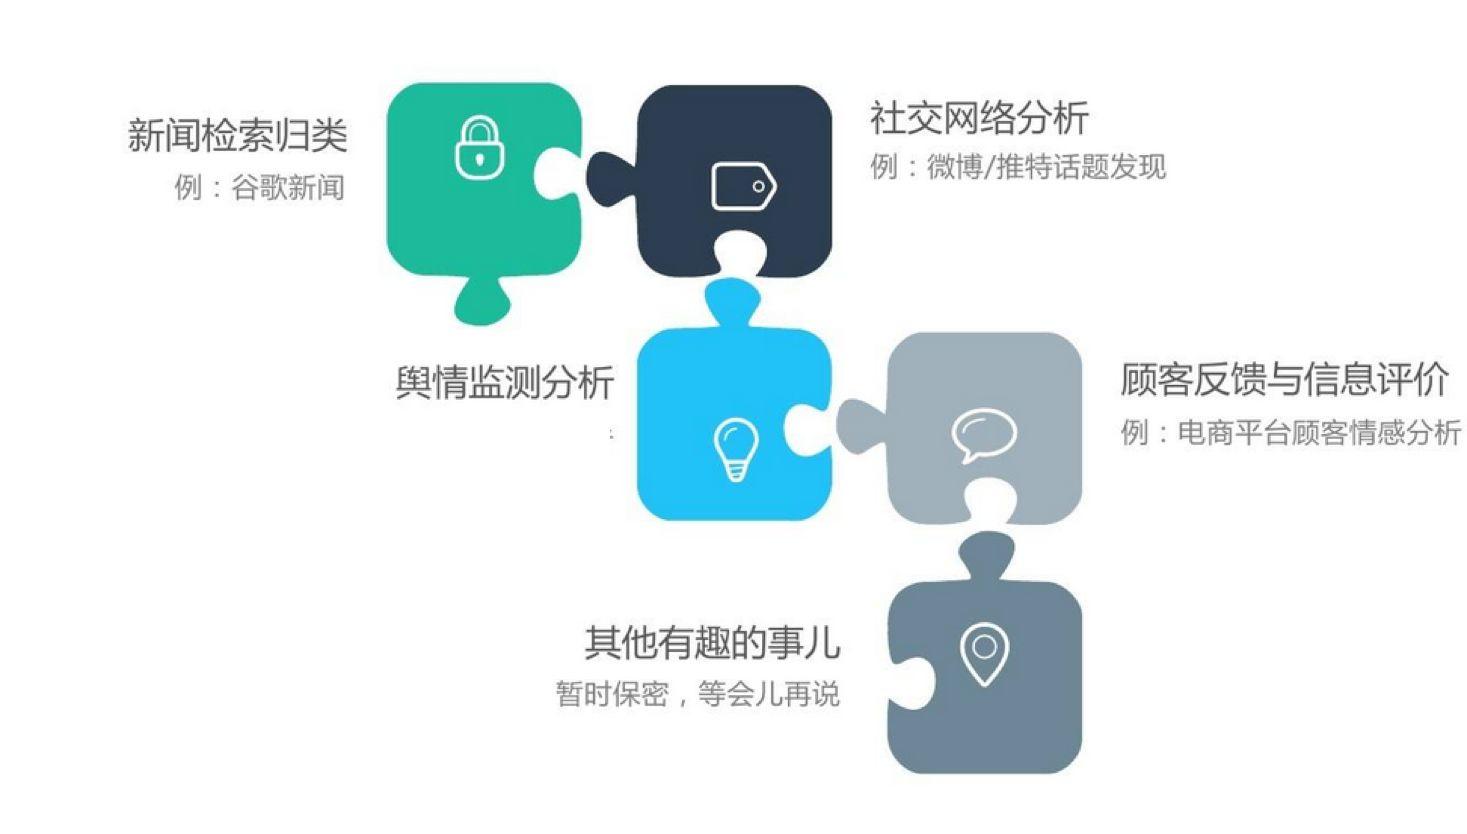 干货分享 | 人工智能如何驱动未来教育发展?